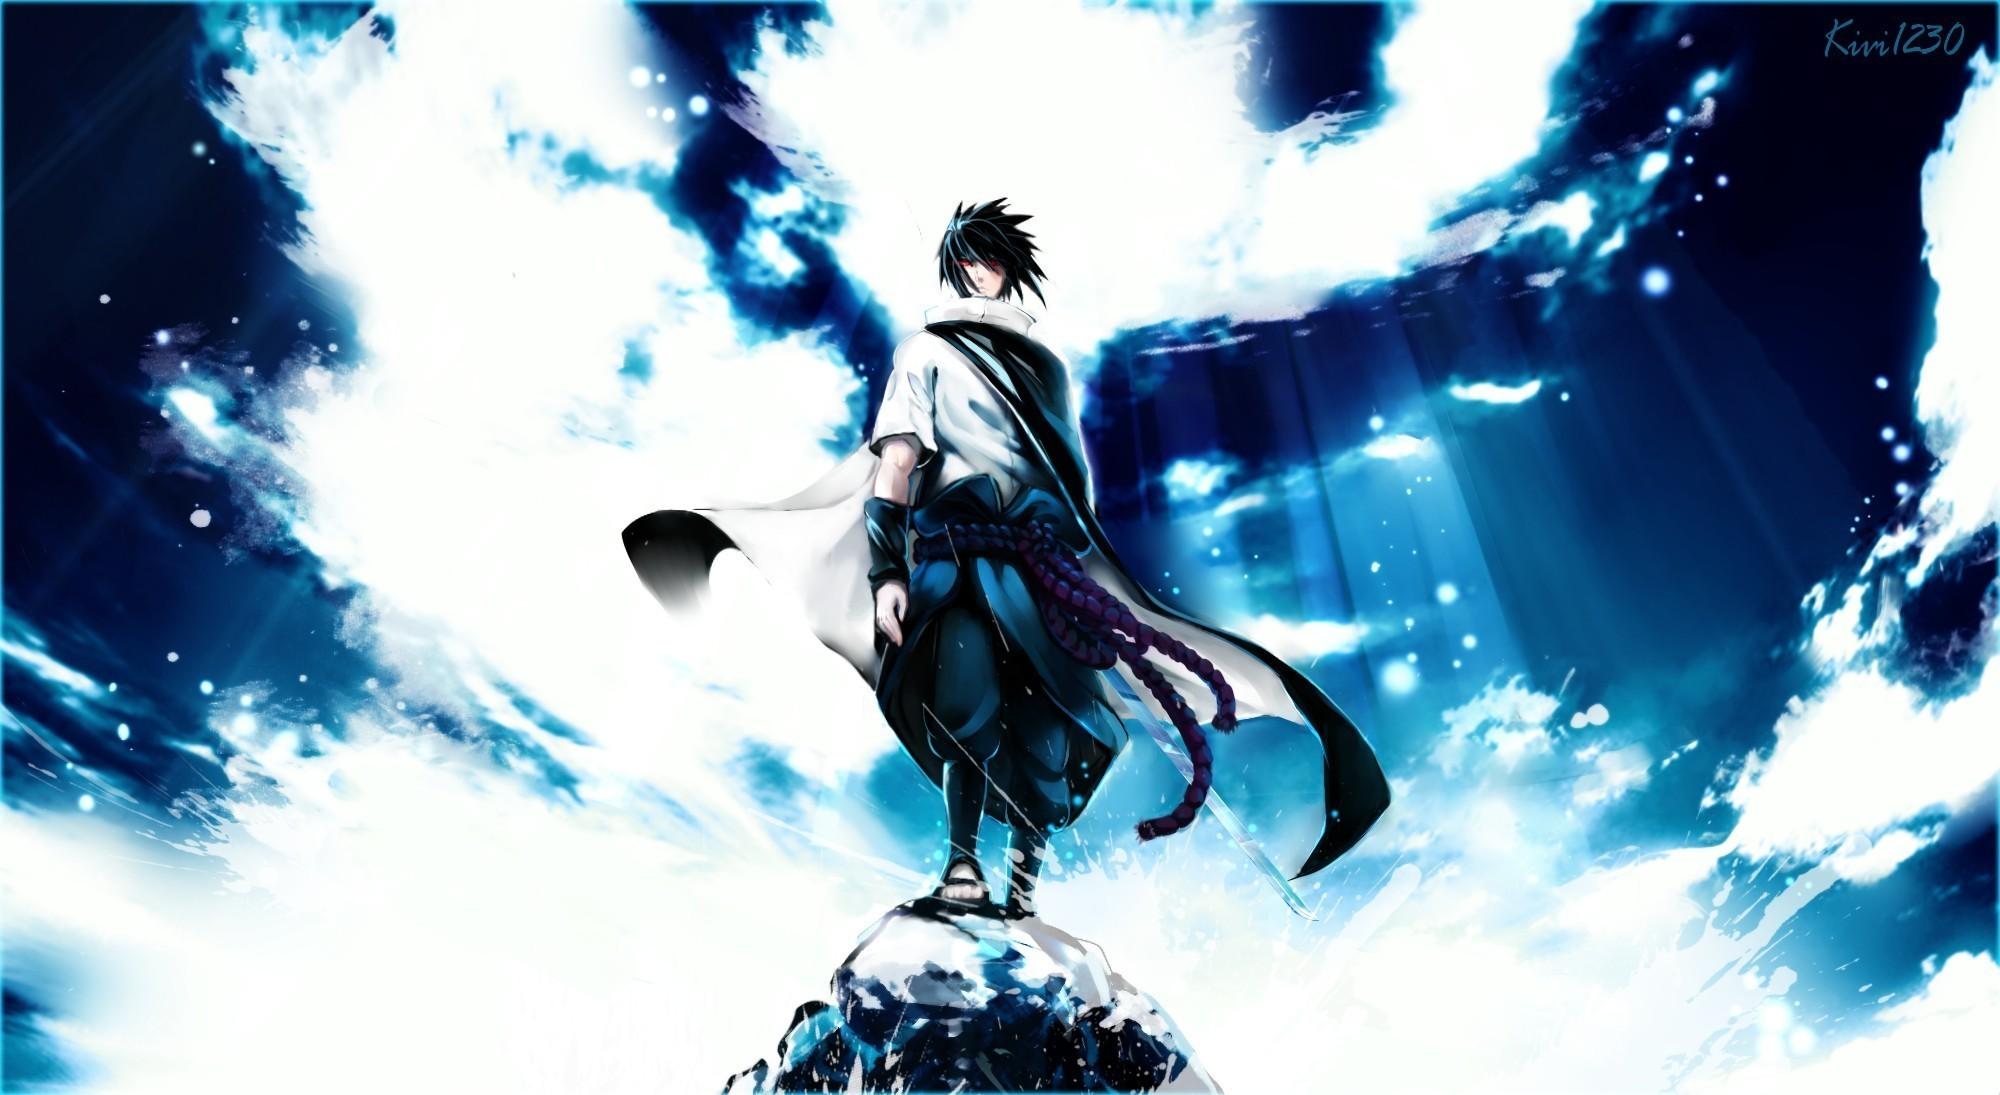 2000x1095 Itachi Uchiha Naruto Sasuke A HD Wallpaper